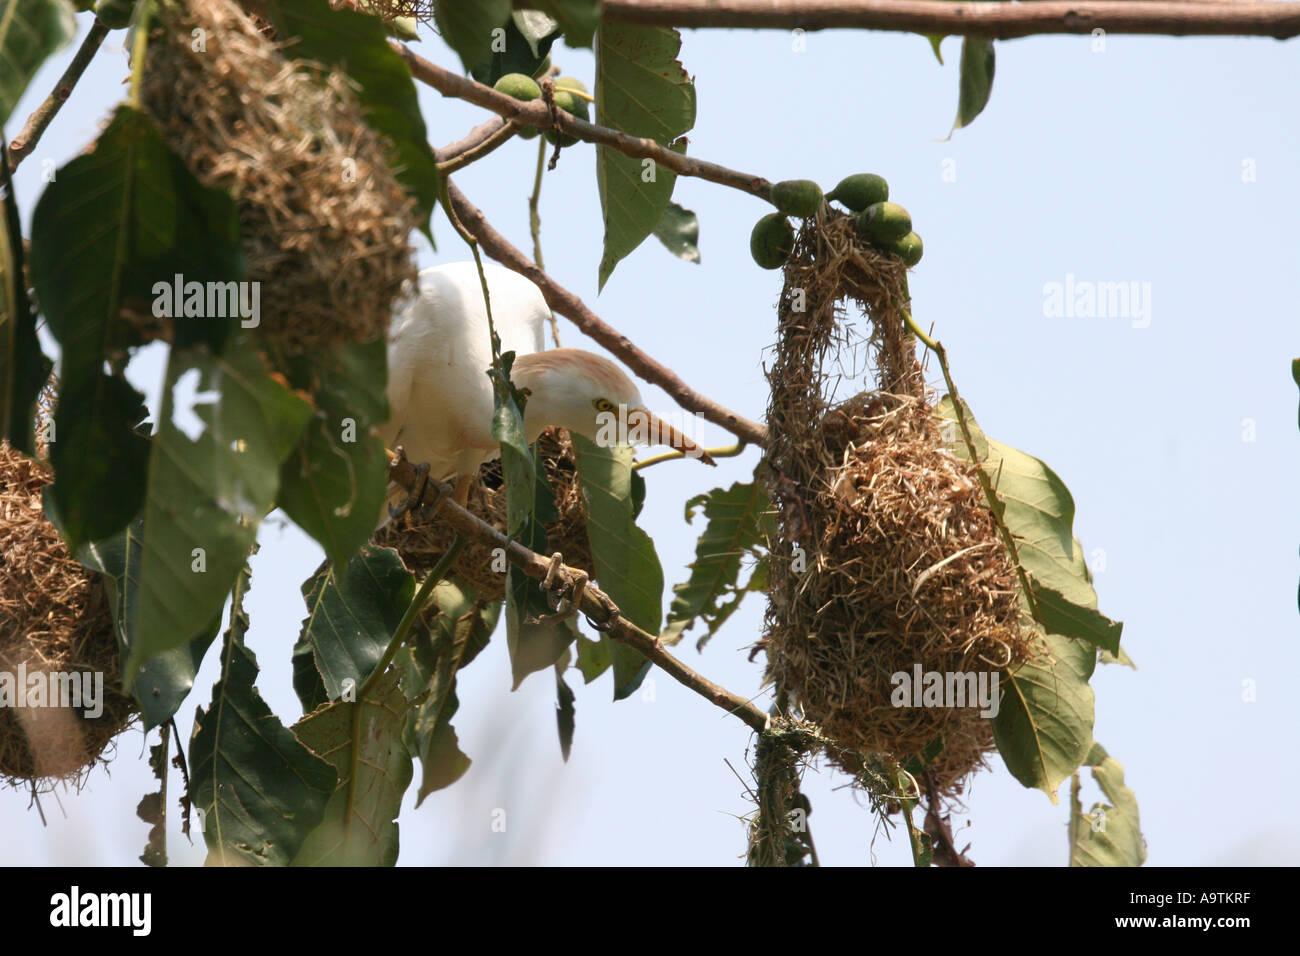 Egret Hunting For Eggs In A Weaver Bird Nest Stock Photo 7107262